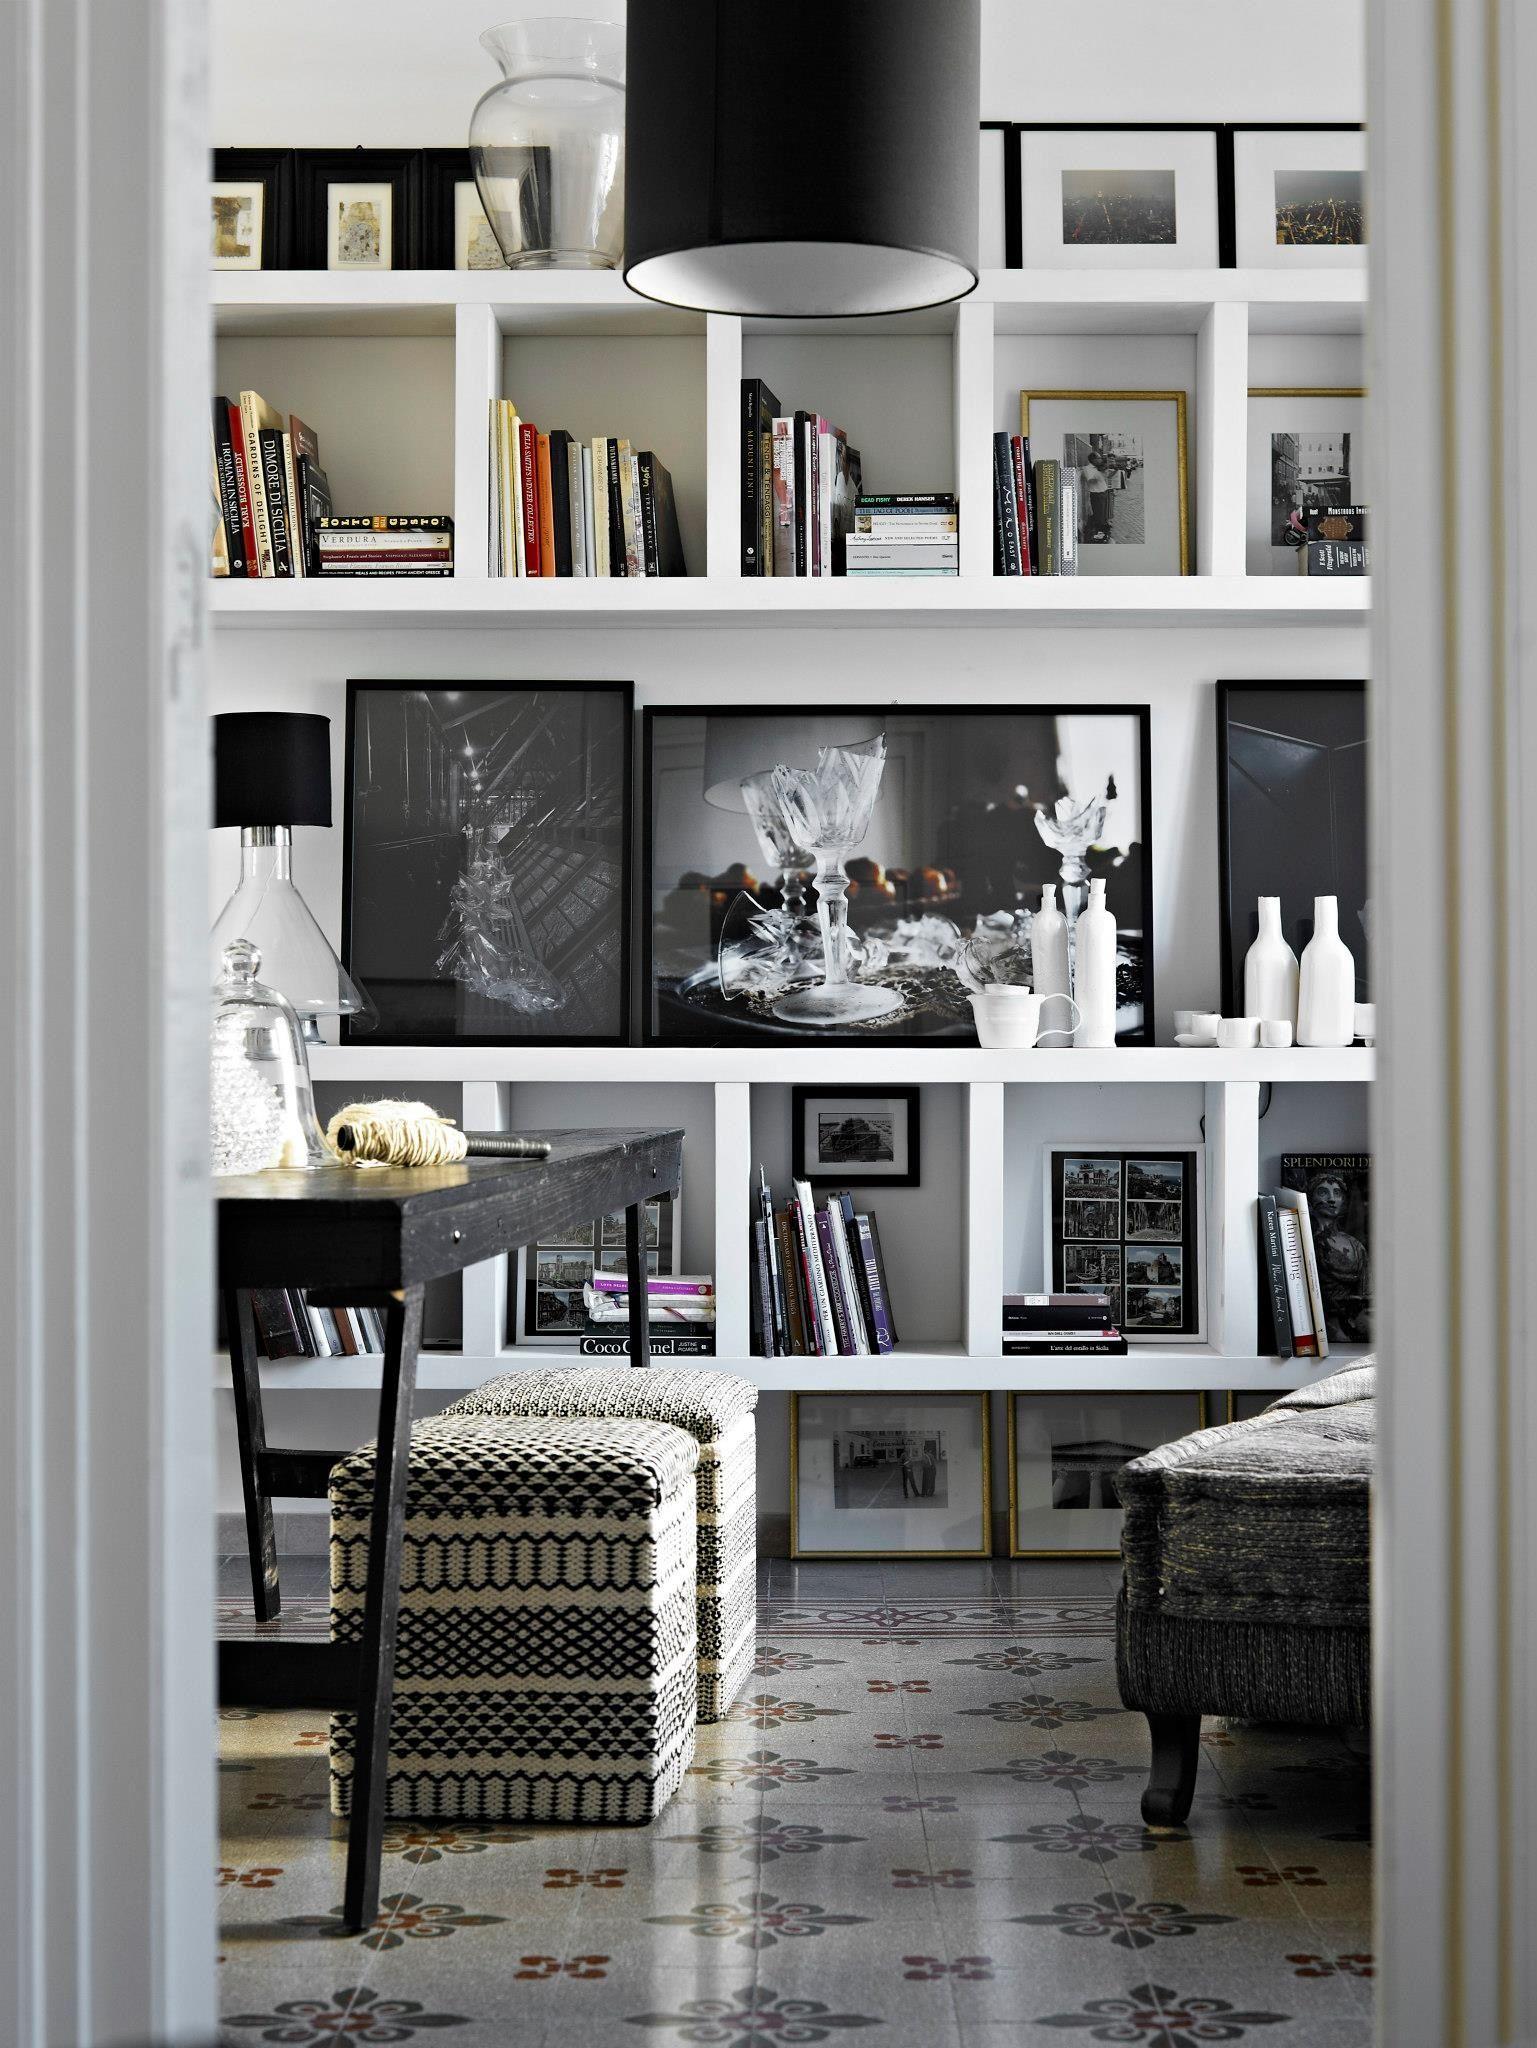 Elle decoration december 2012 home decor shelves white